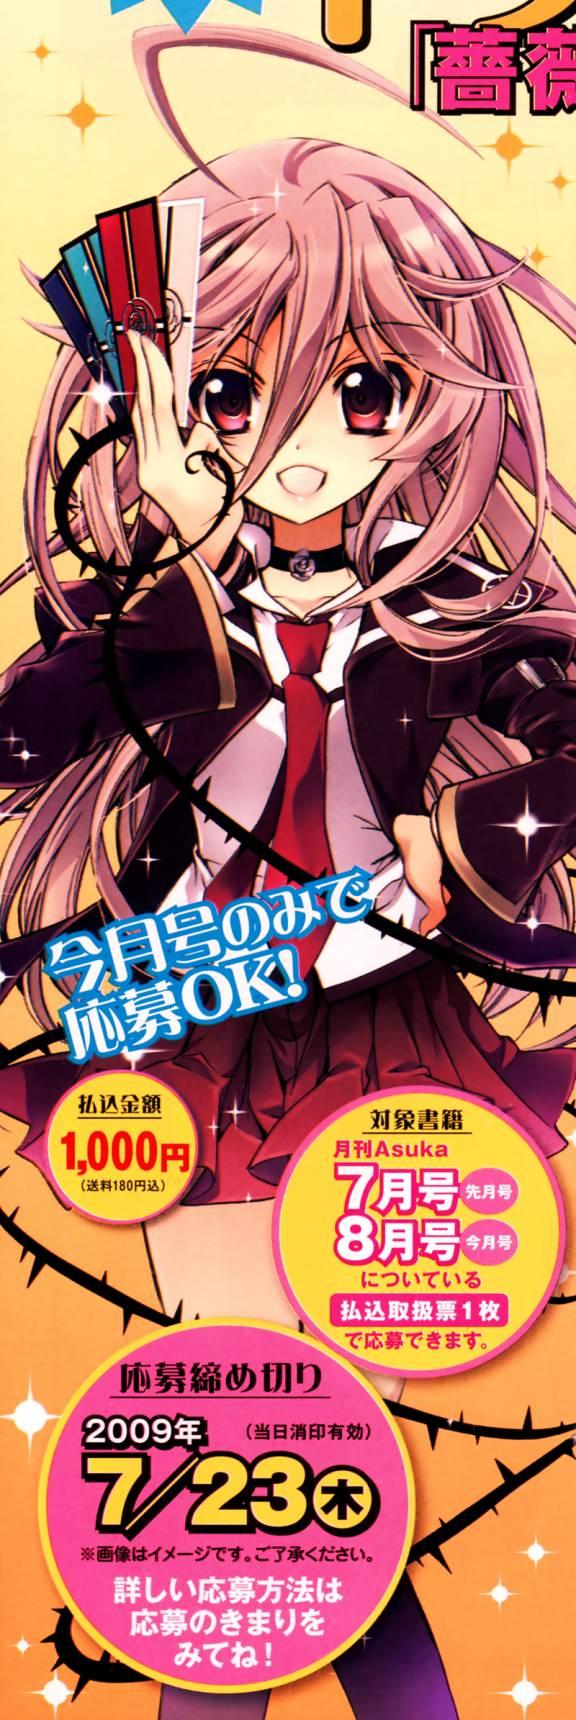 Tags: Anime, Barajou no Kiss, Yamamoto Anis